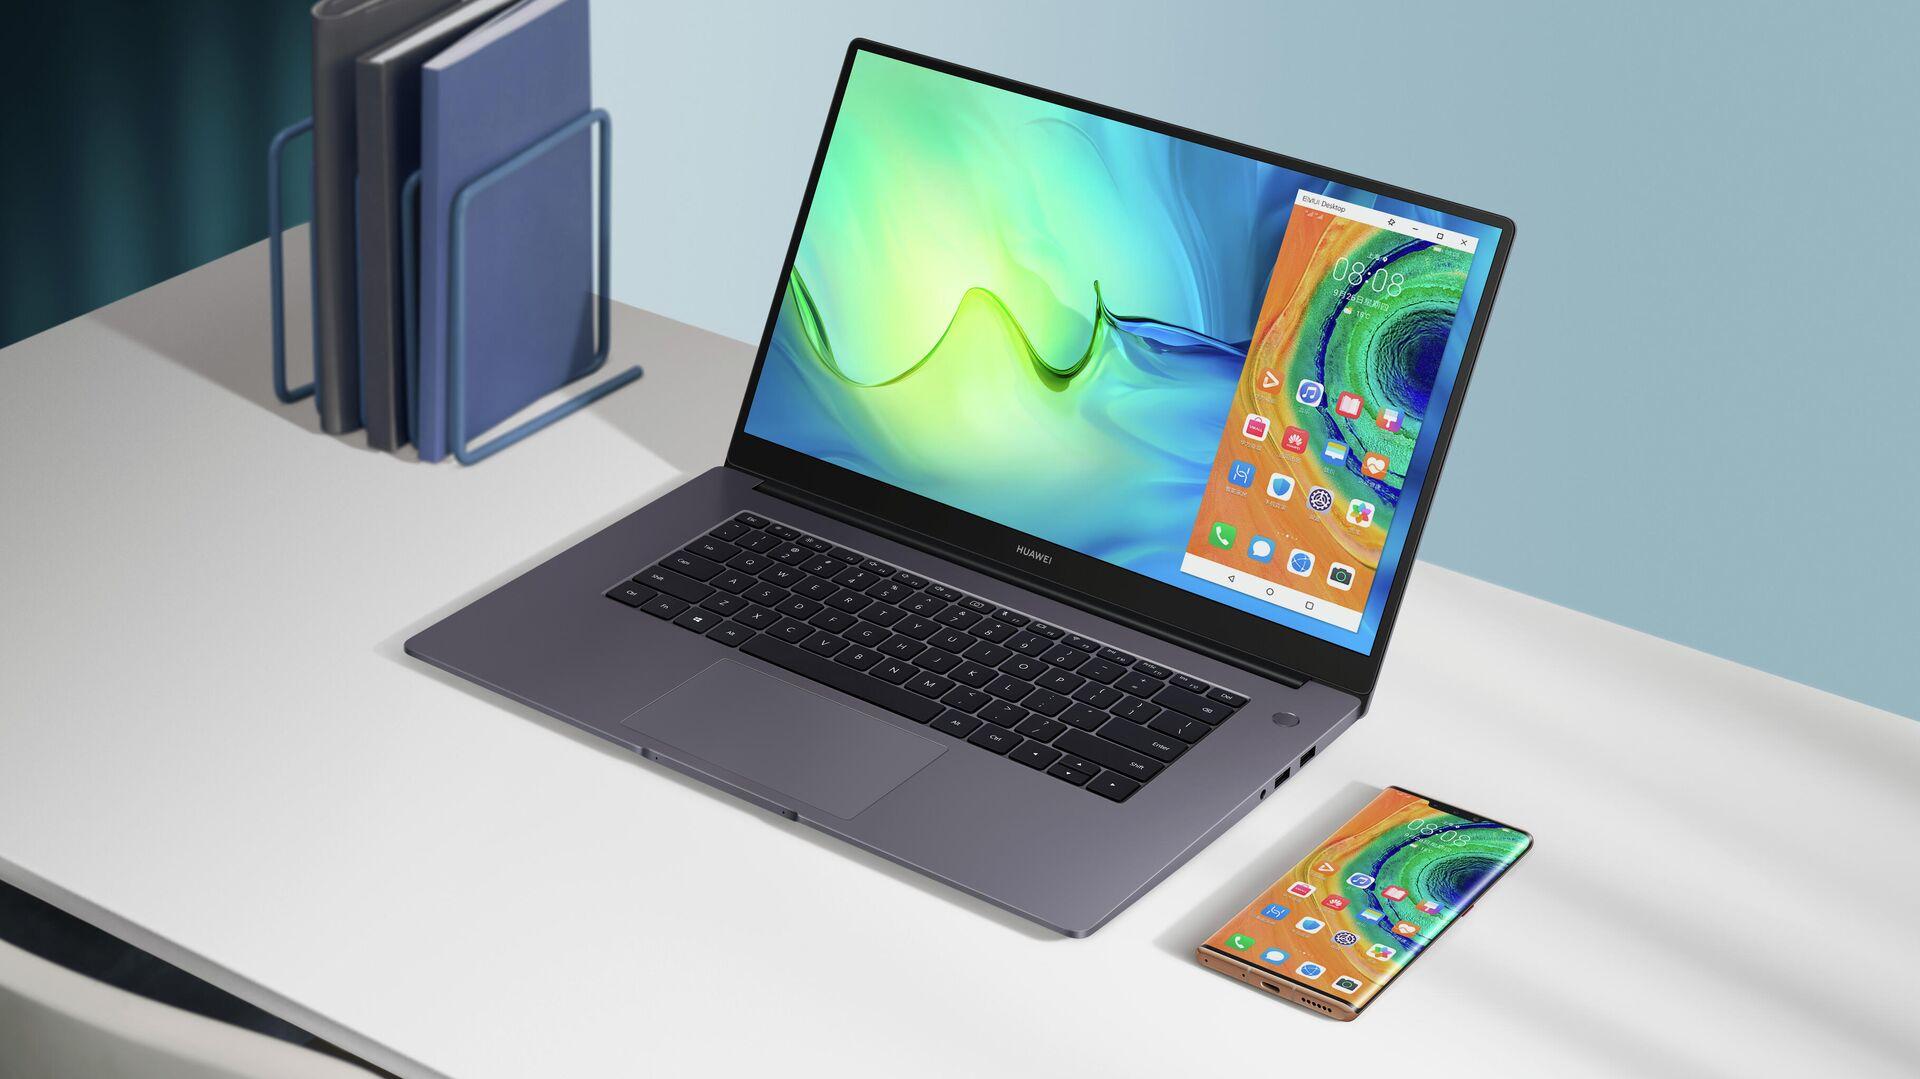 Лэптопа от Huawei MateBook D 15 - РИА Новости, 1920, 09.03.2021